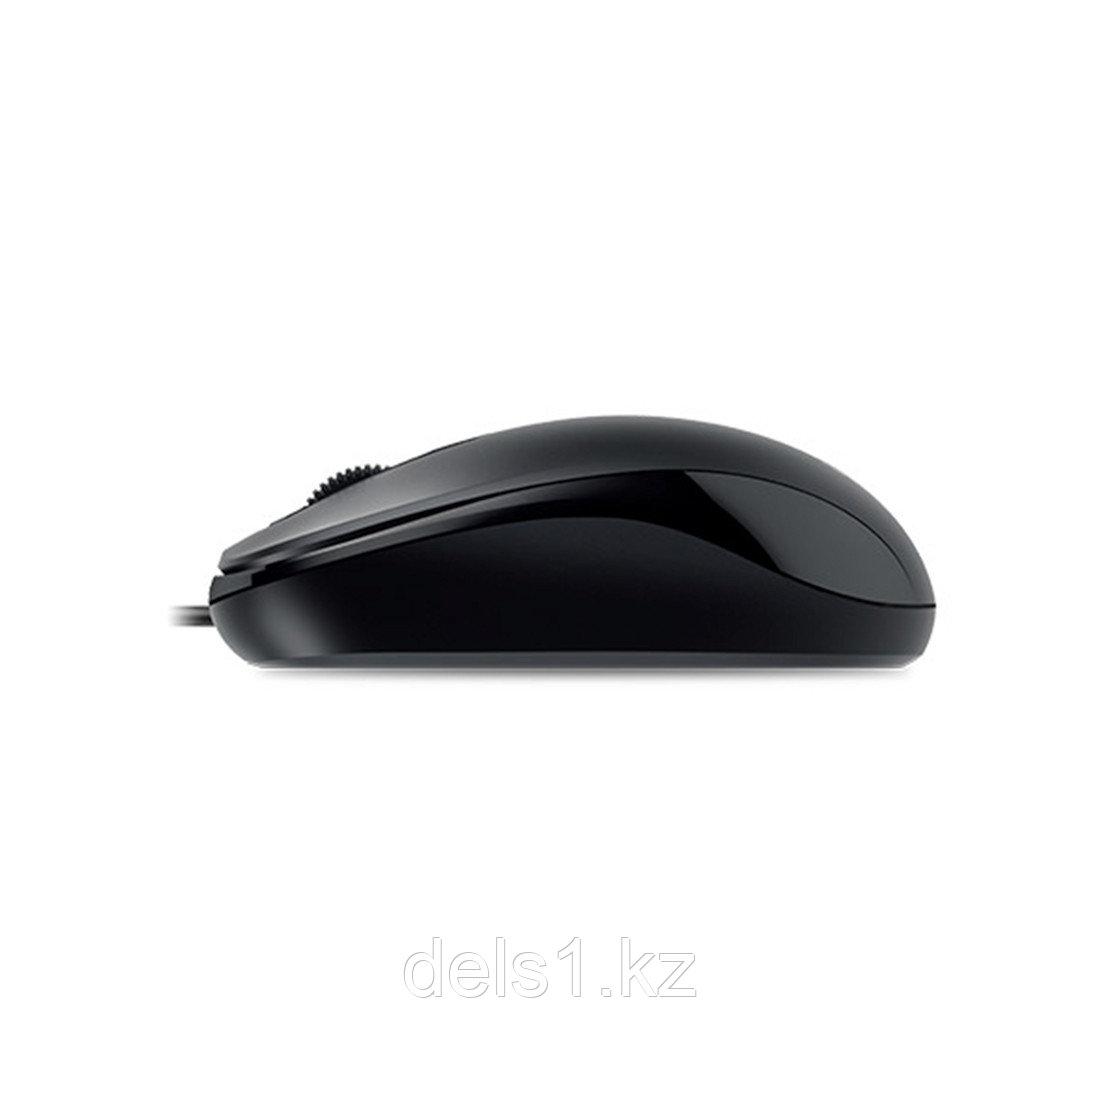 Компьютерная мышь Genius DX-110 Black